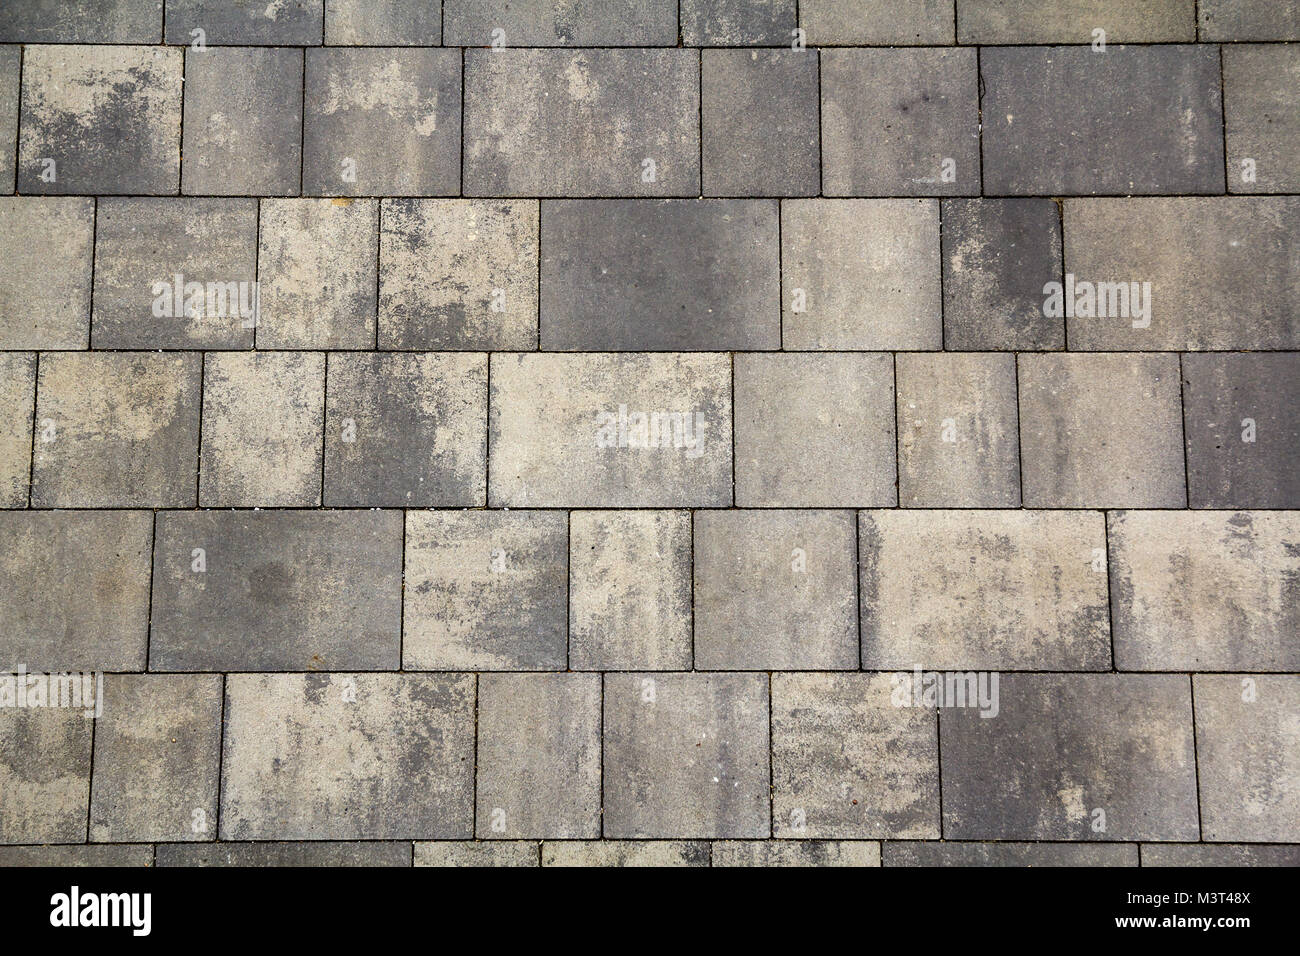 Piastrelle grigie sullo sfondo piastrella classica texture a